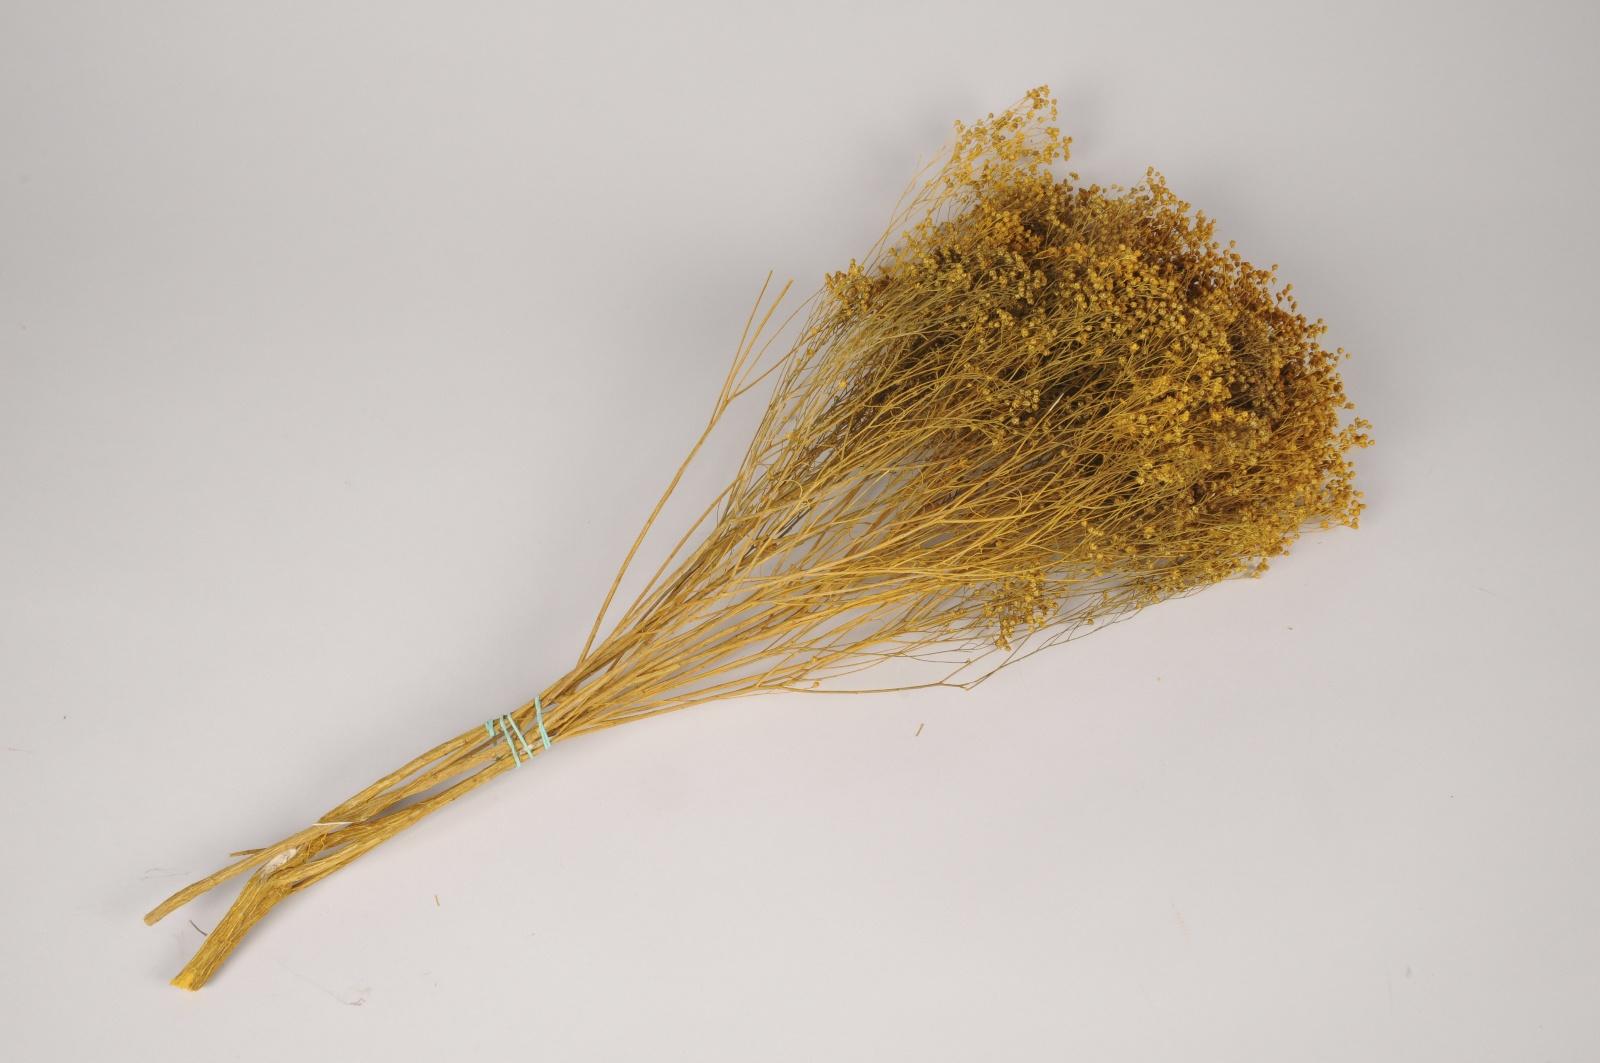 x288ab Broom bloom séché jaune moutarde H64cm